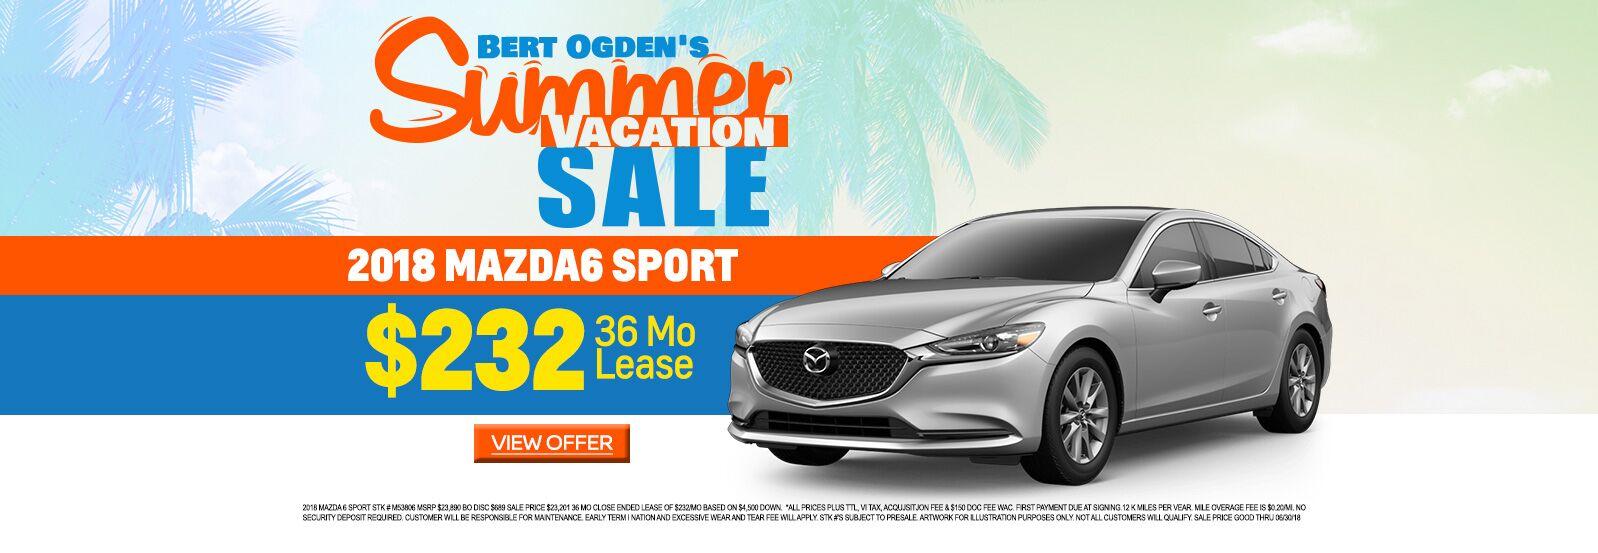 Bert Ogden Mazda Edinburg New And Used Mazda For Sale